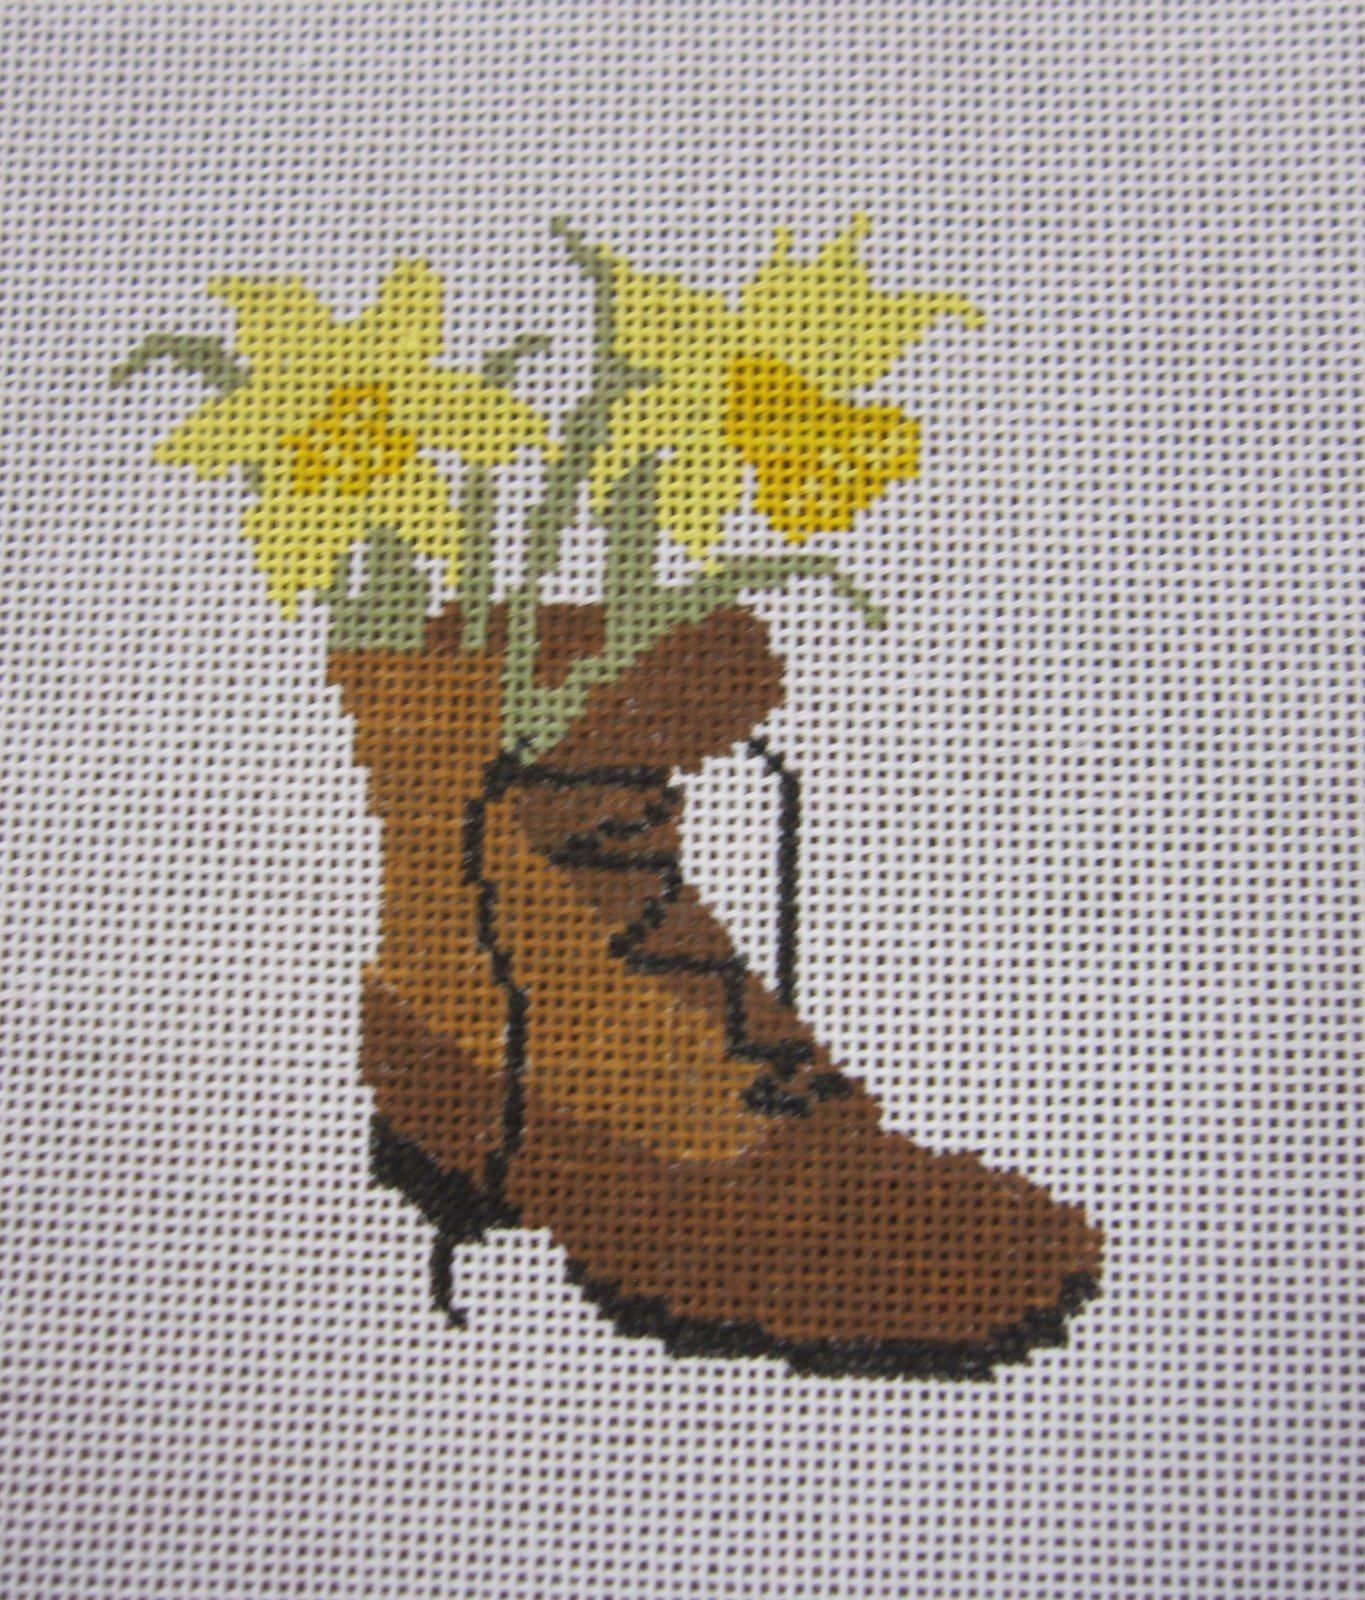 Daffodil in Boot